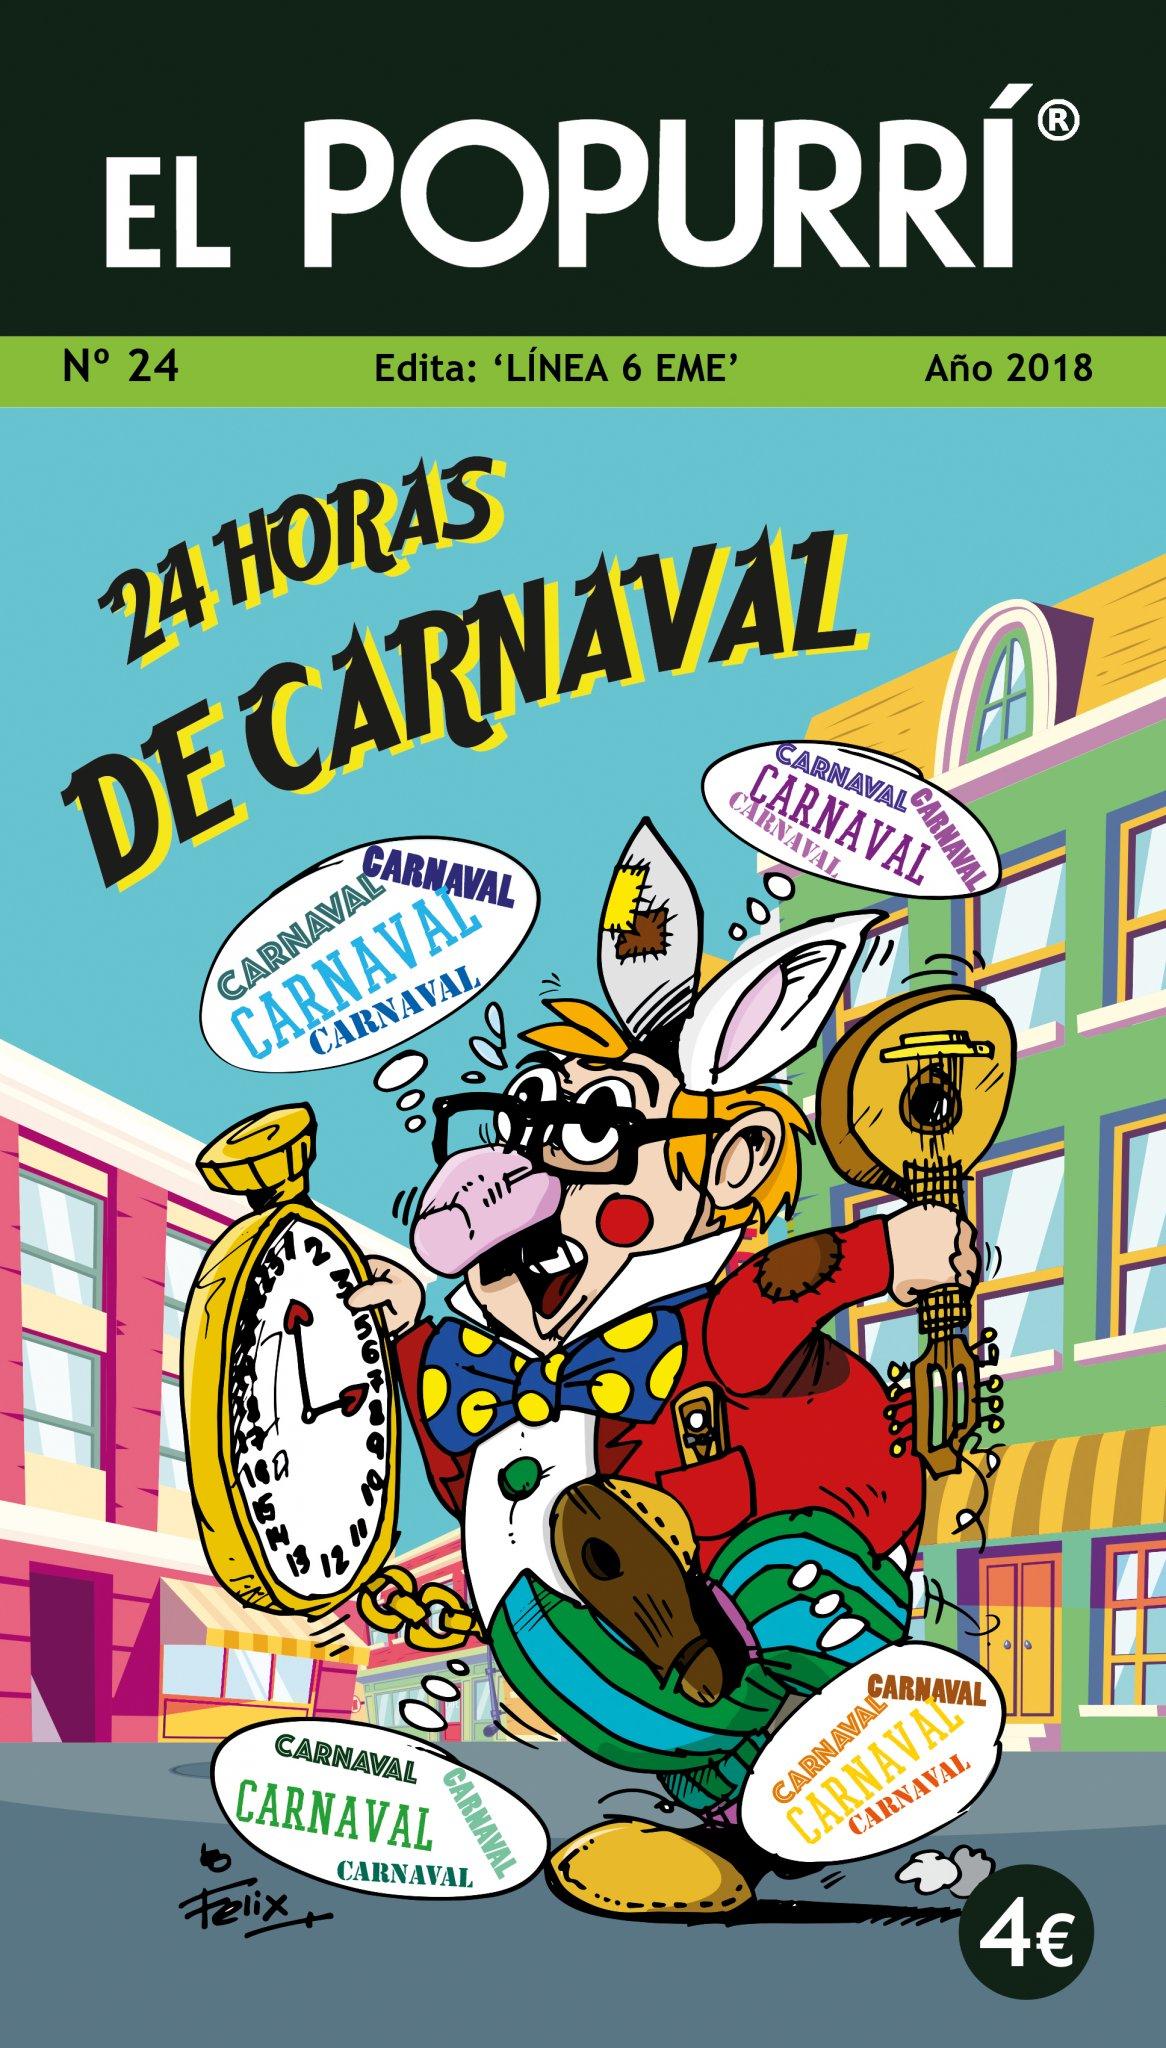 'El Popurrí' del Carnaval de Cádiz 2018